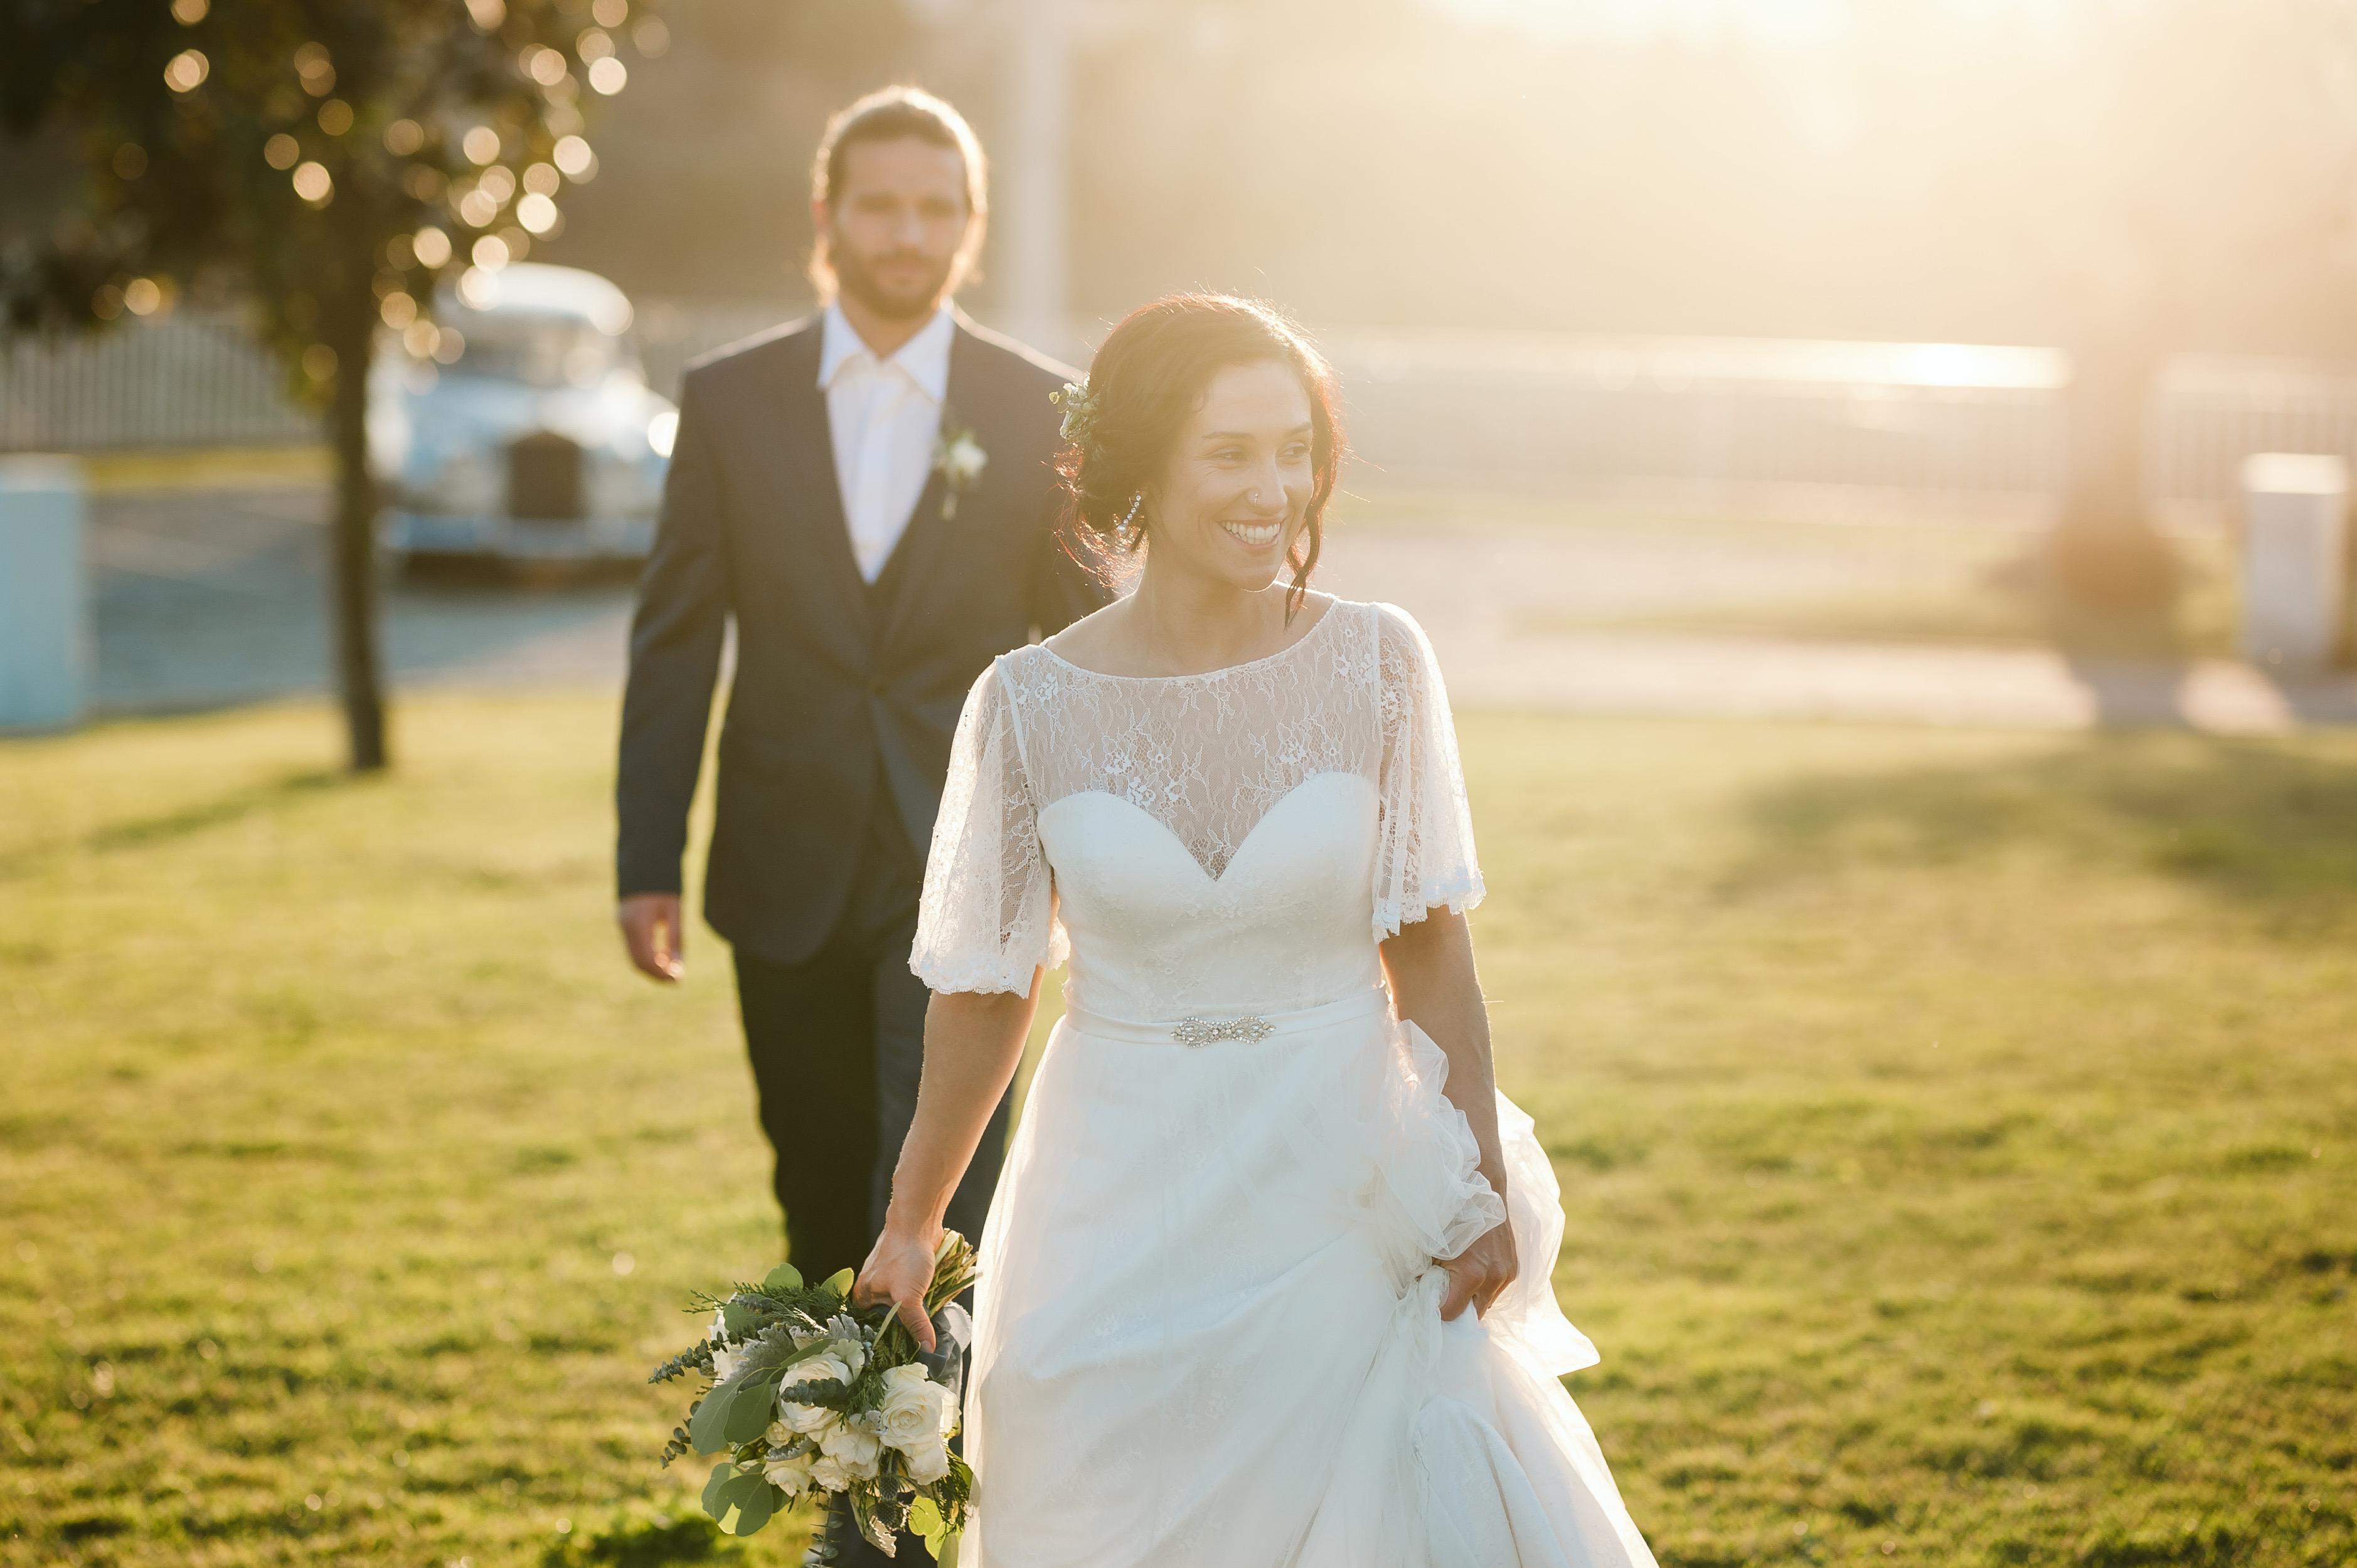 Contate Fotografo e Videografo Especialistas em Casamento